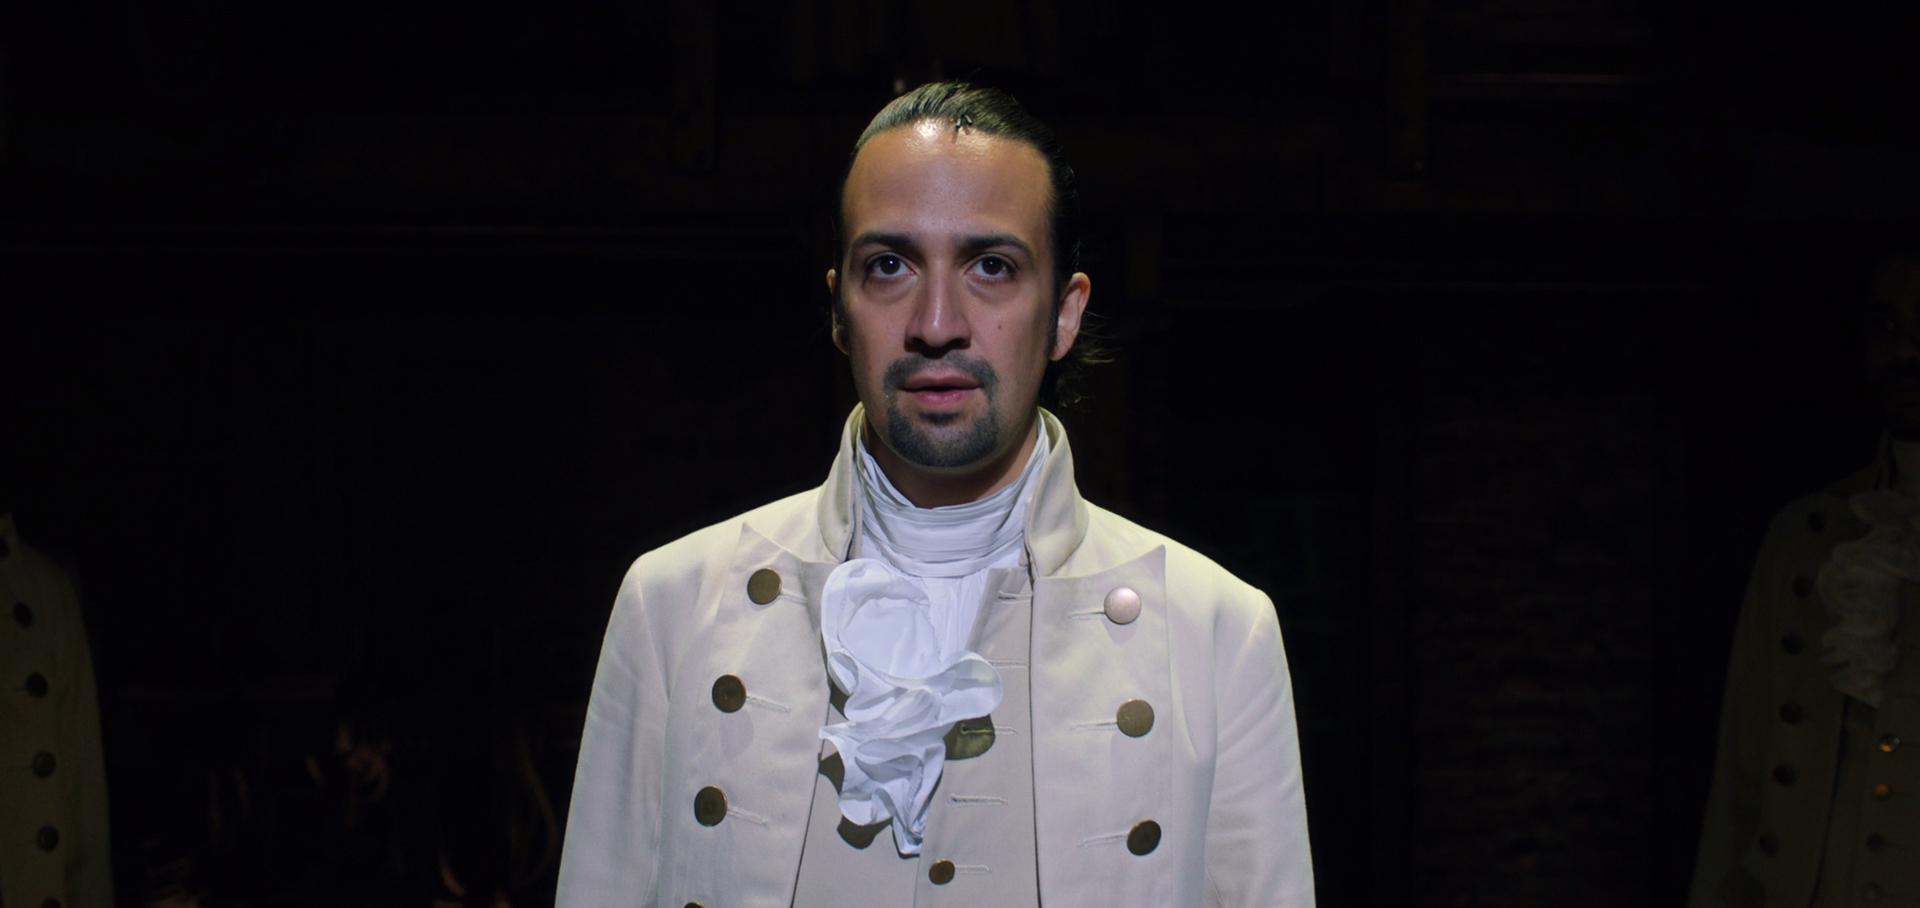 Záber z muzikálu Hamilton